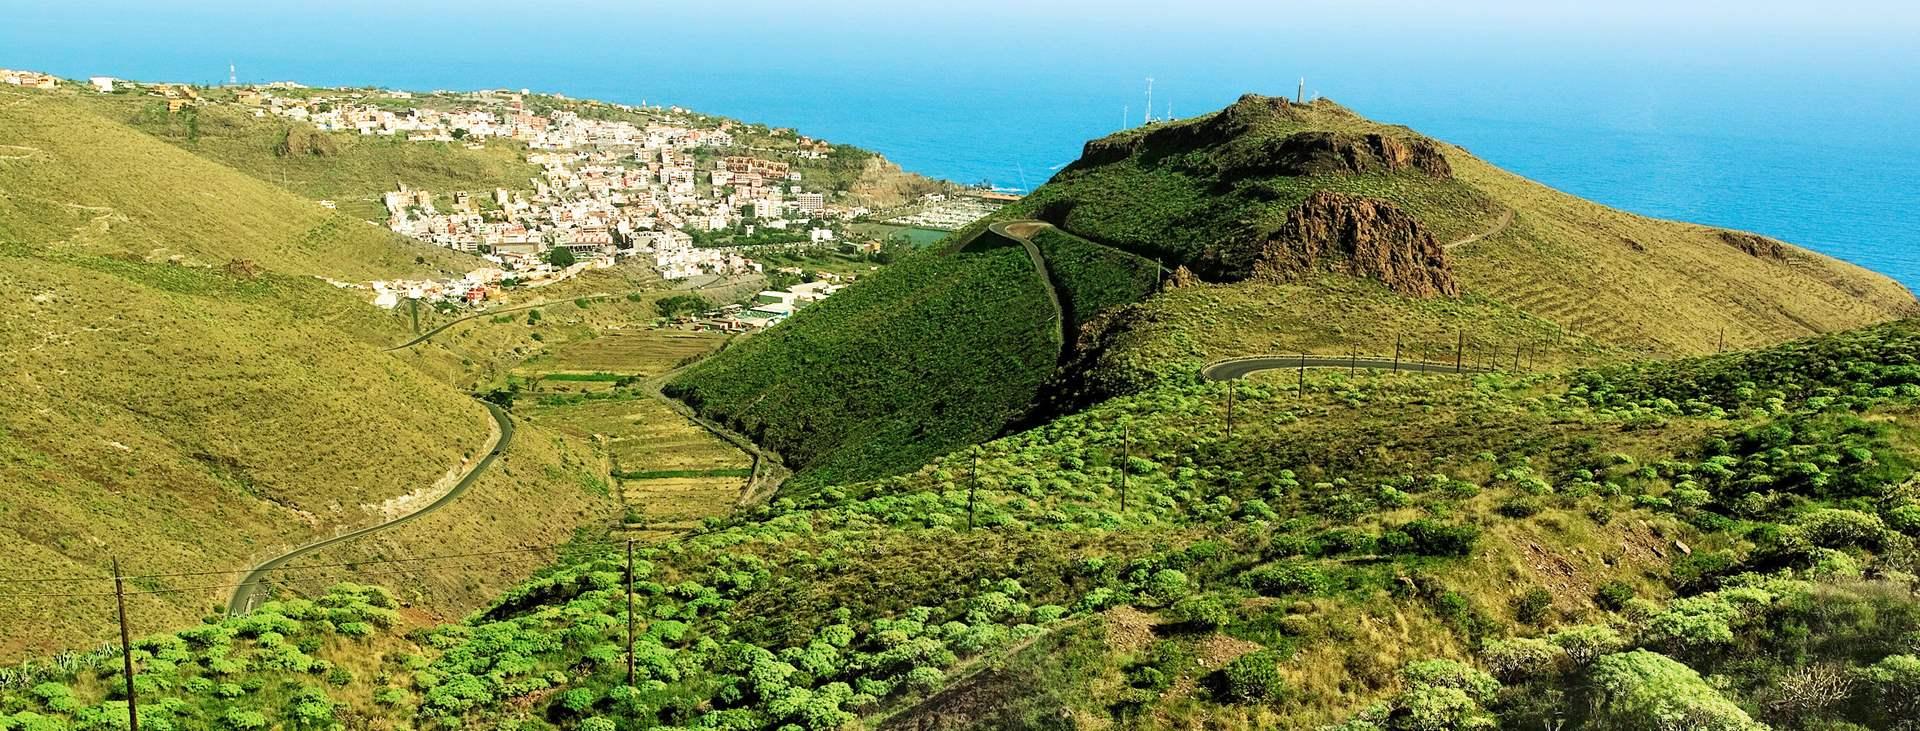 Bestill en reise med Ving til La Gomera på Kanariøyene